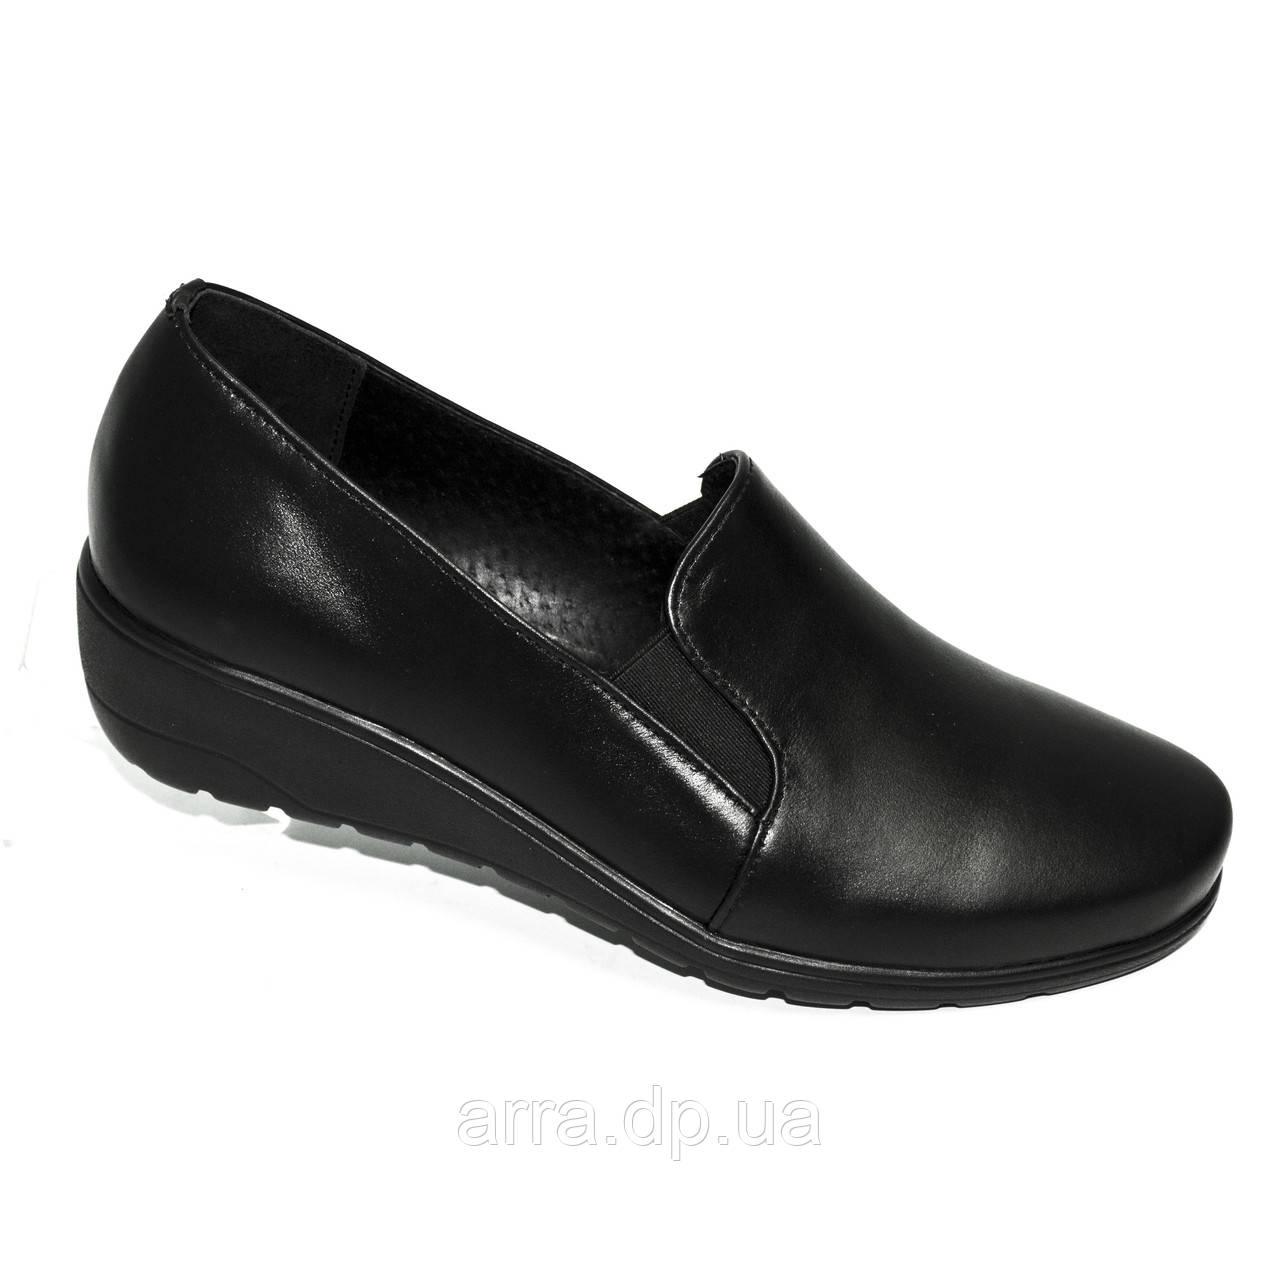 Большие туфли классика